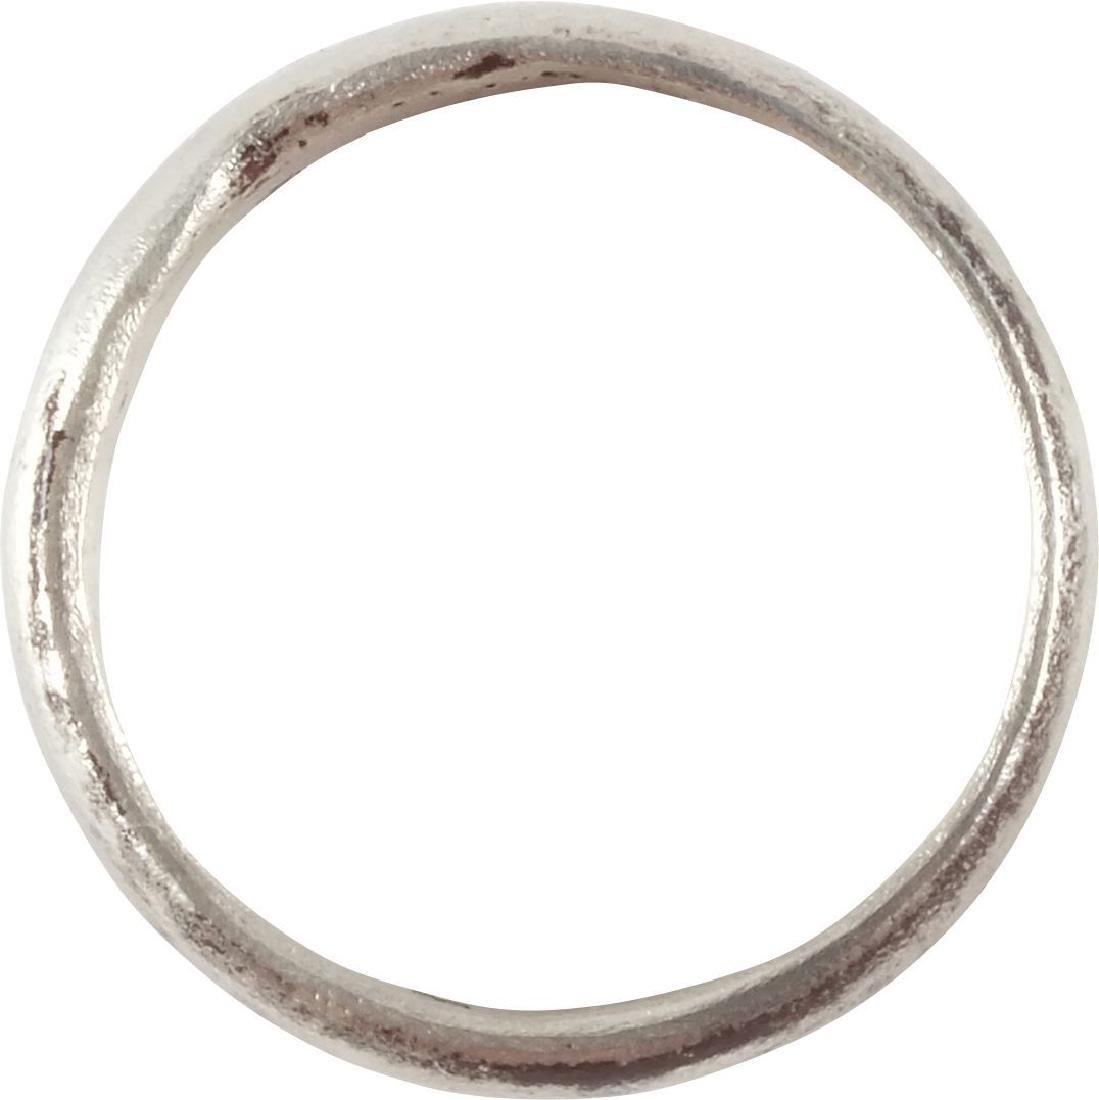 ANCIENT VIKING WEDDING RING C.850-1050 AD - 2